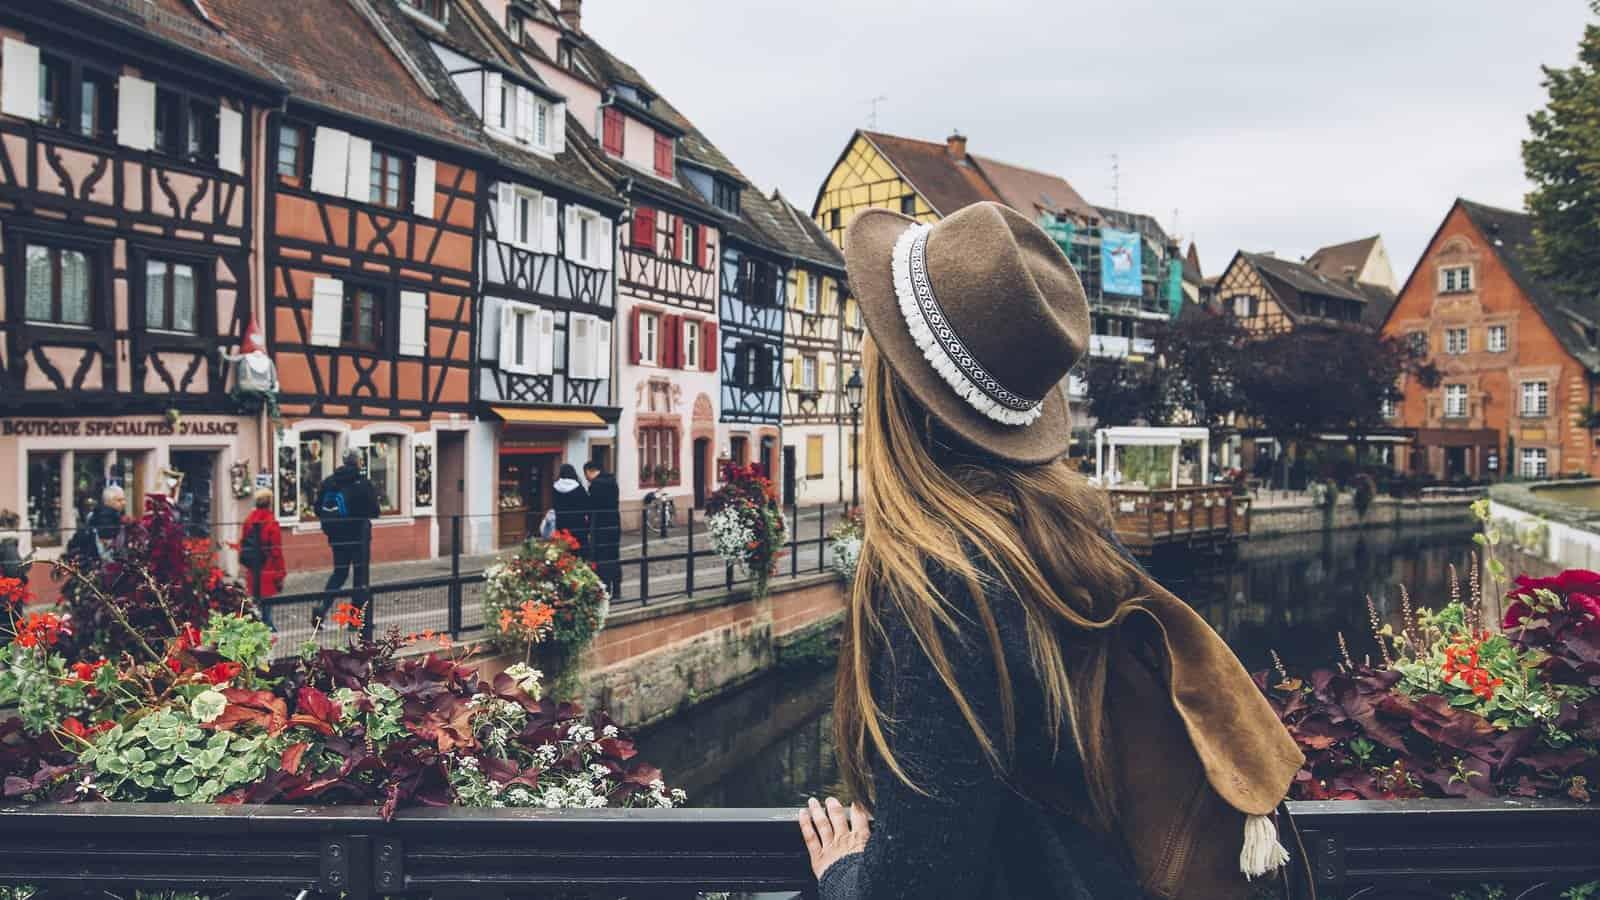 افضل 4 اماكن سياحية في كولمار فرنسا